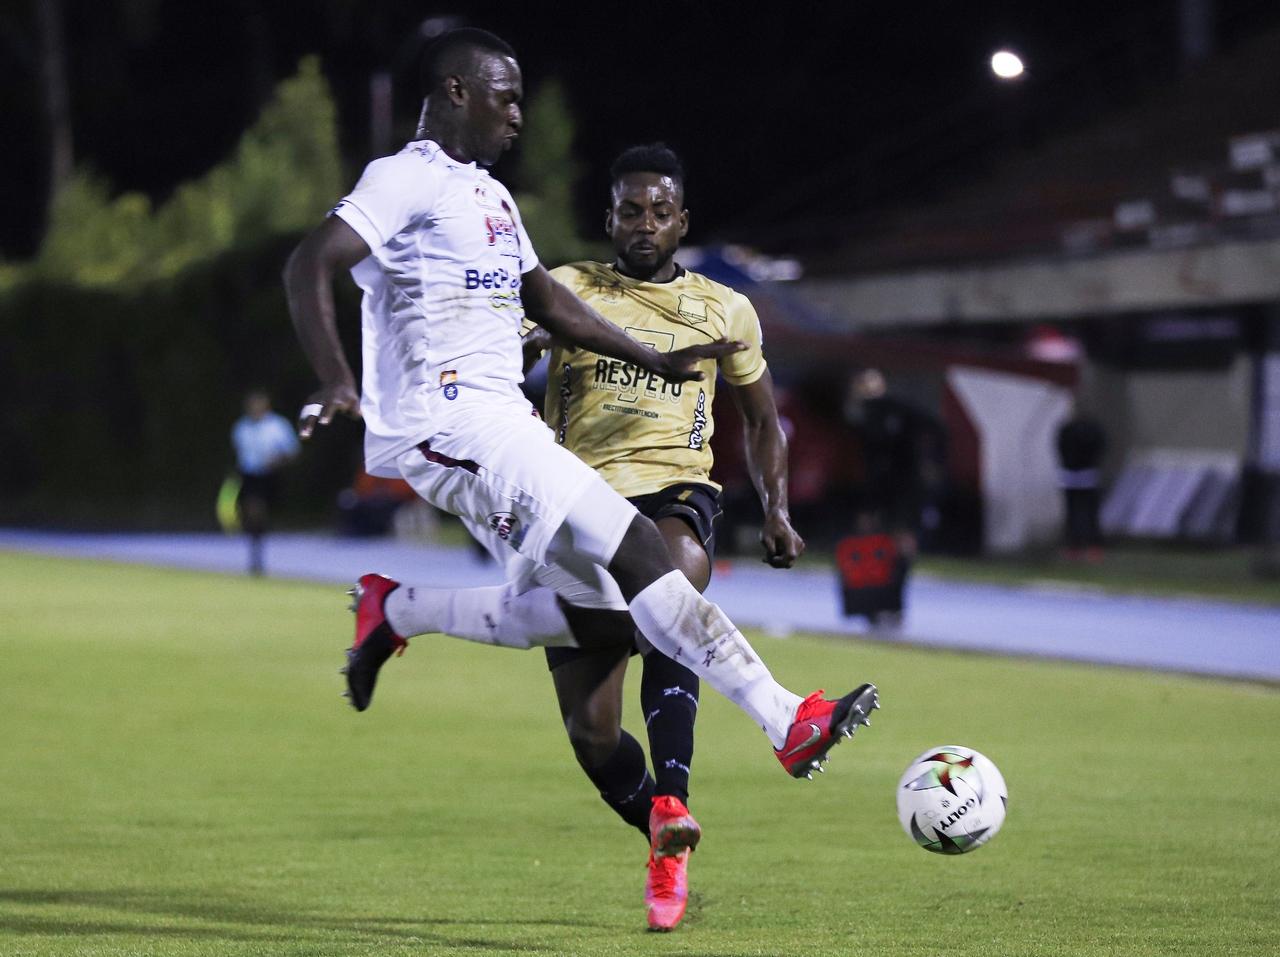 Rionegro Aguilas Doradas vs Deportes Tolima 1